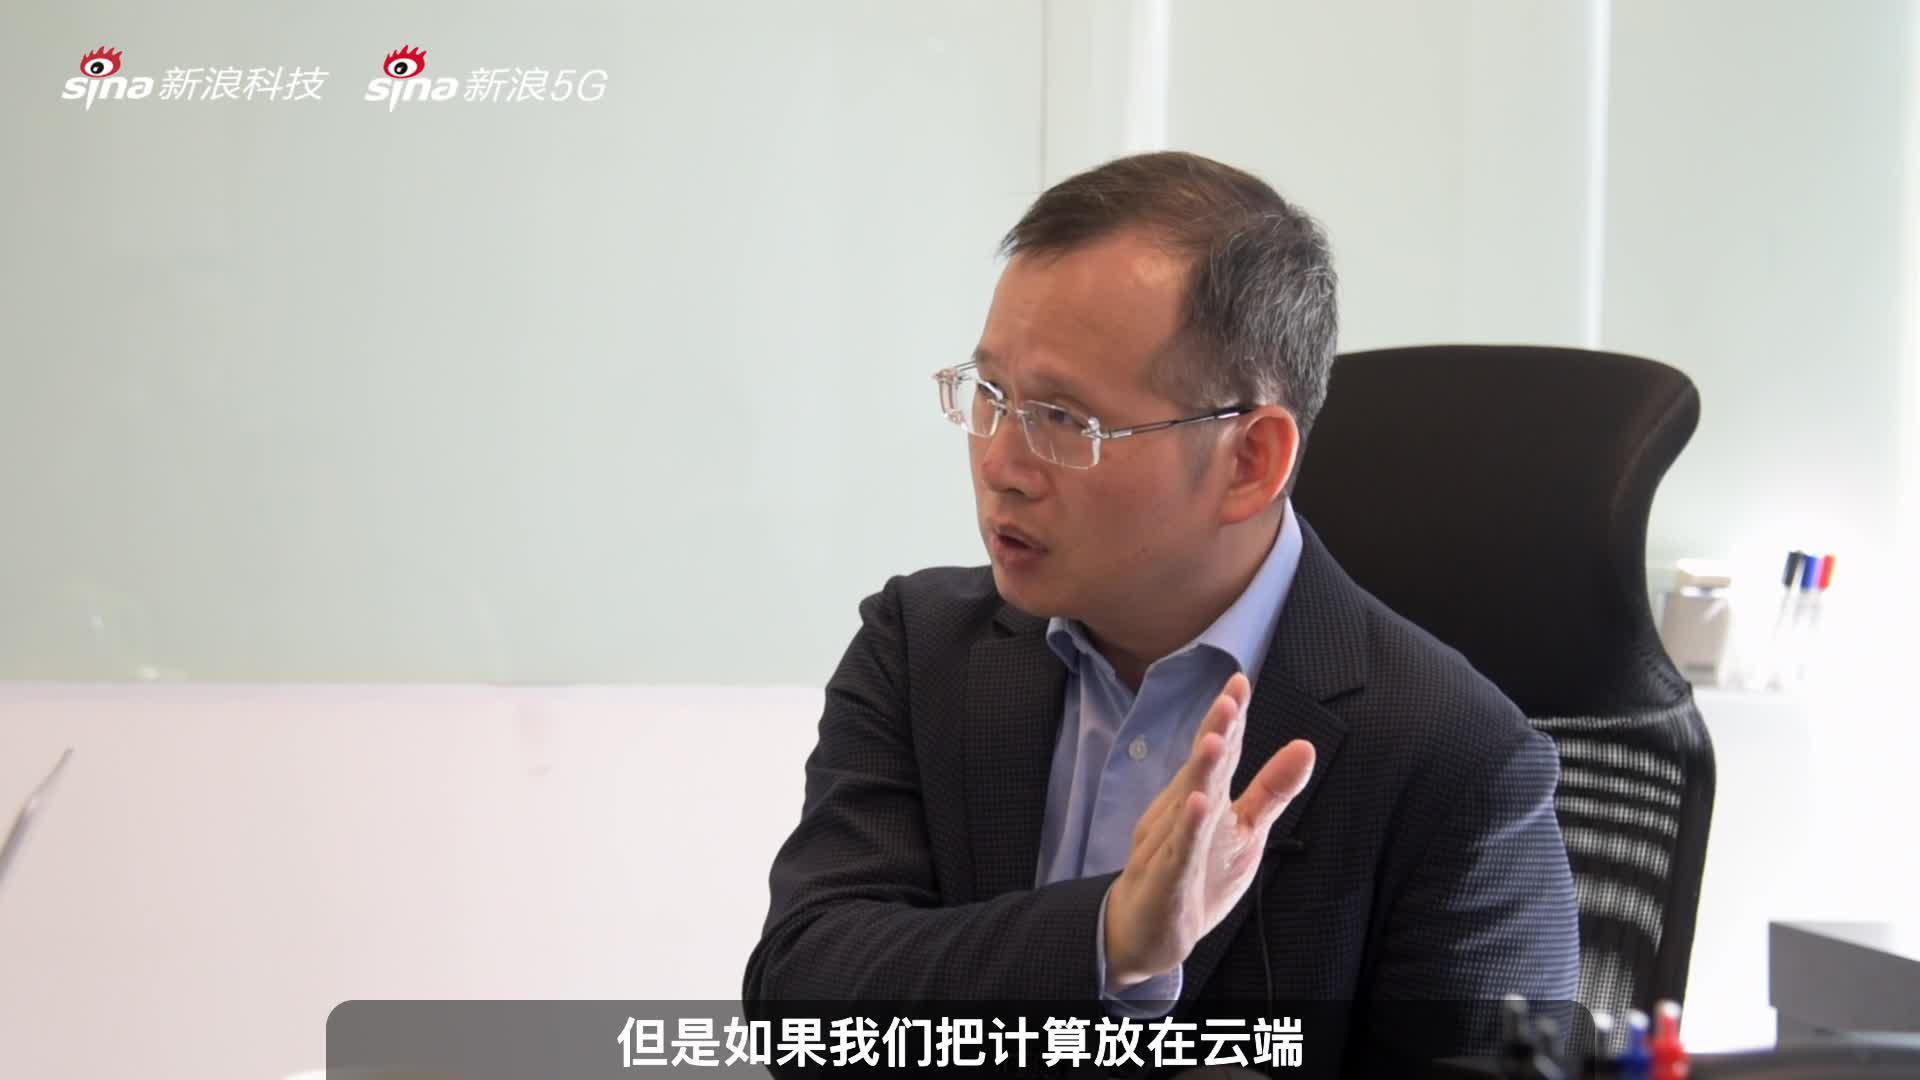 专访爱奇艺智能CEO熊文:5G与VR互相成就,并加速VR发展进程